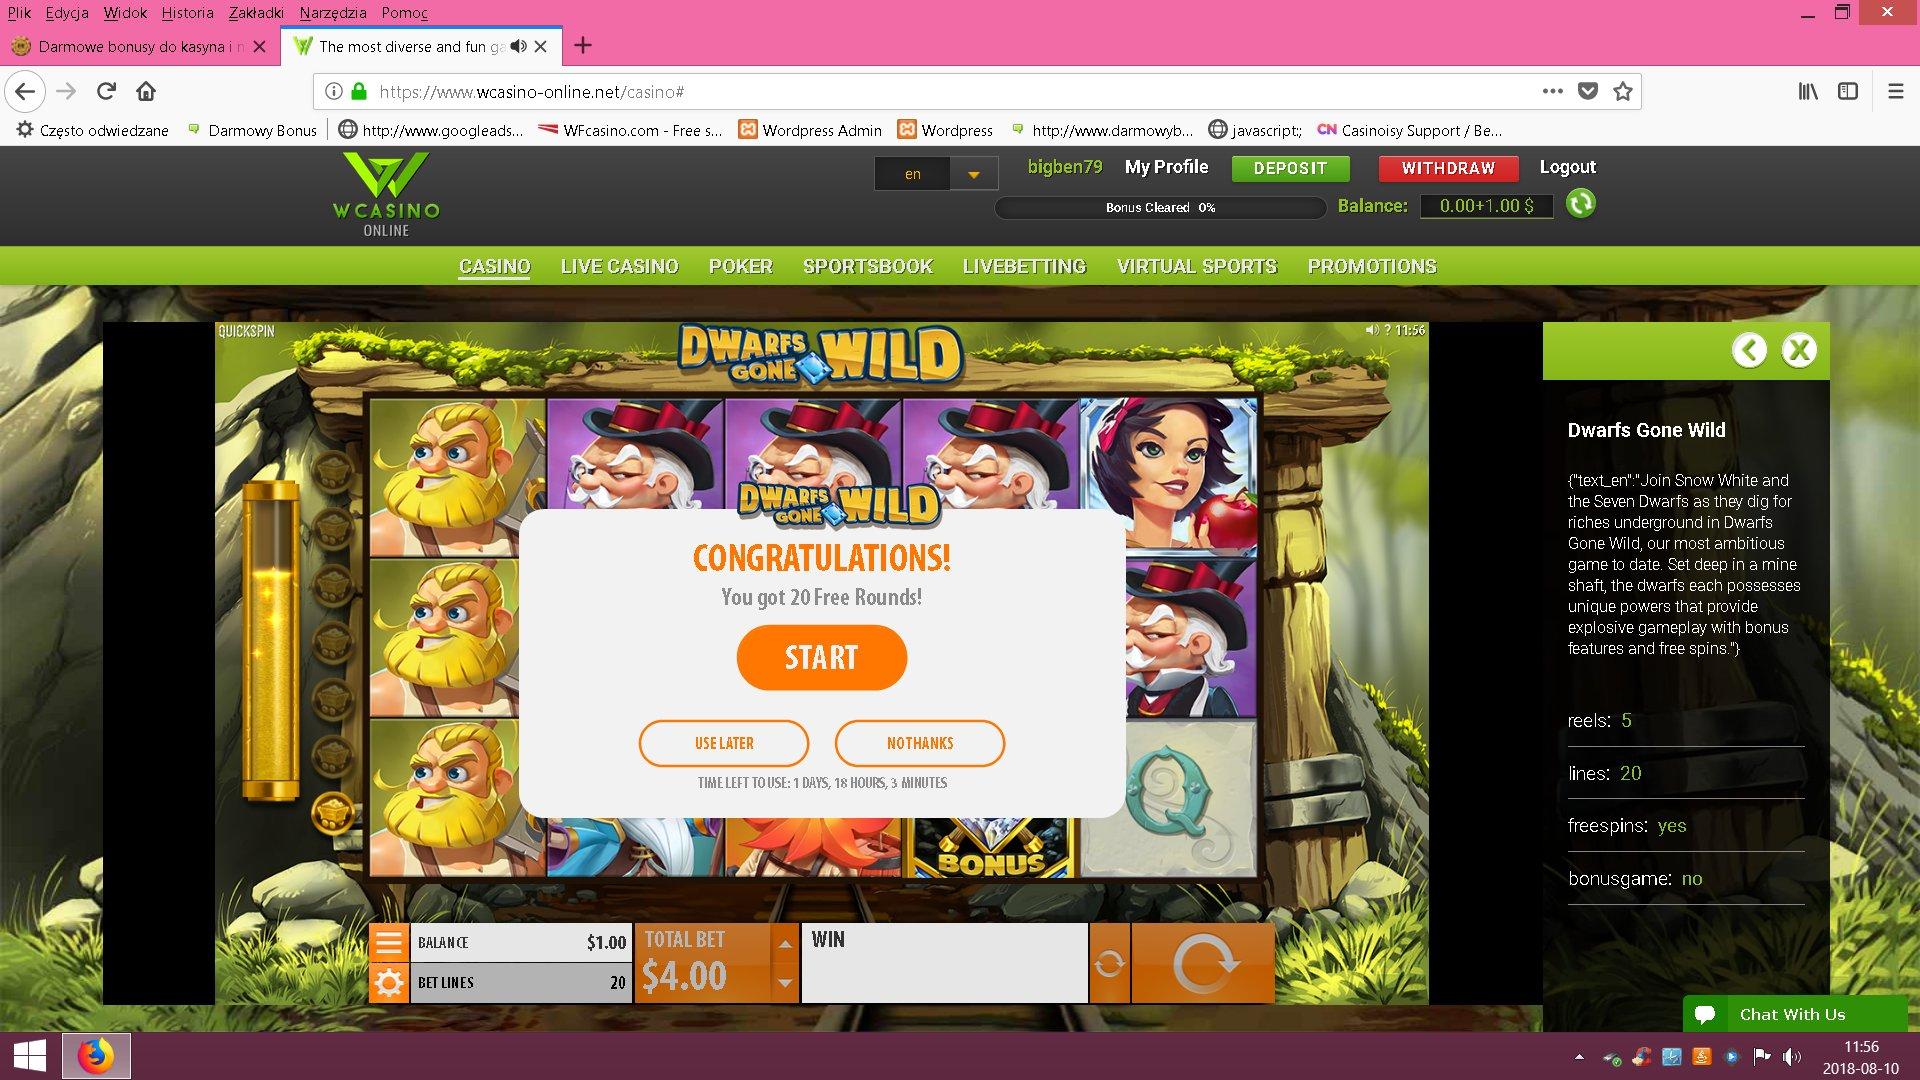 Wcasino 3 USD no deposit bonus - Page 2 1